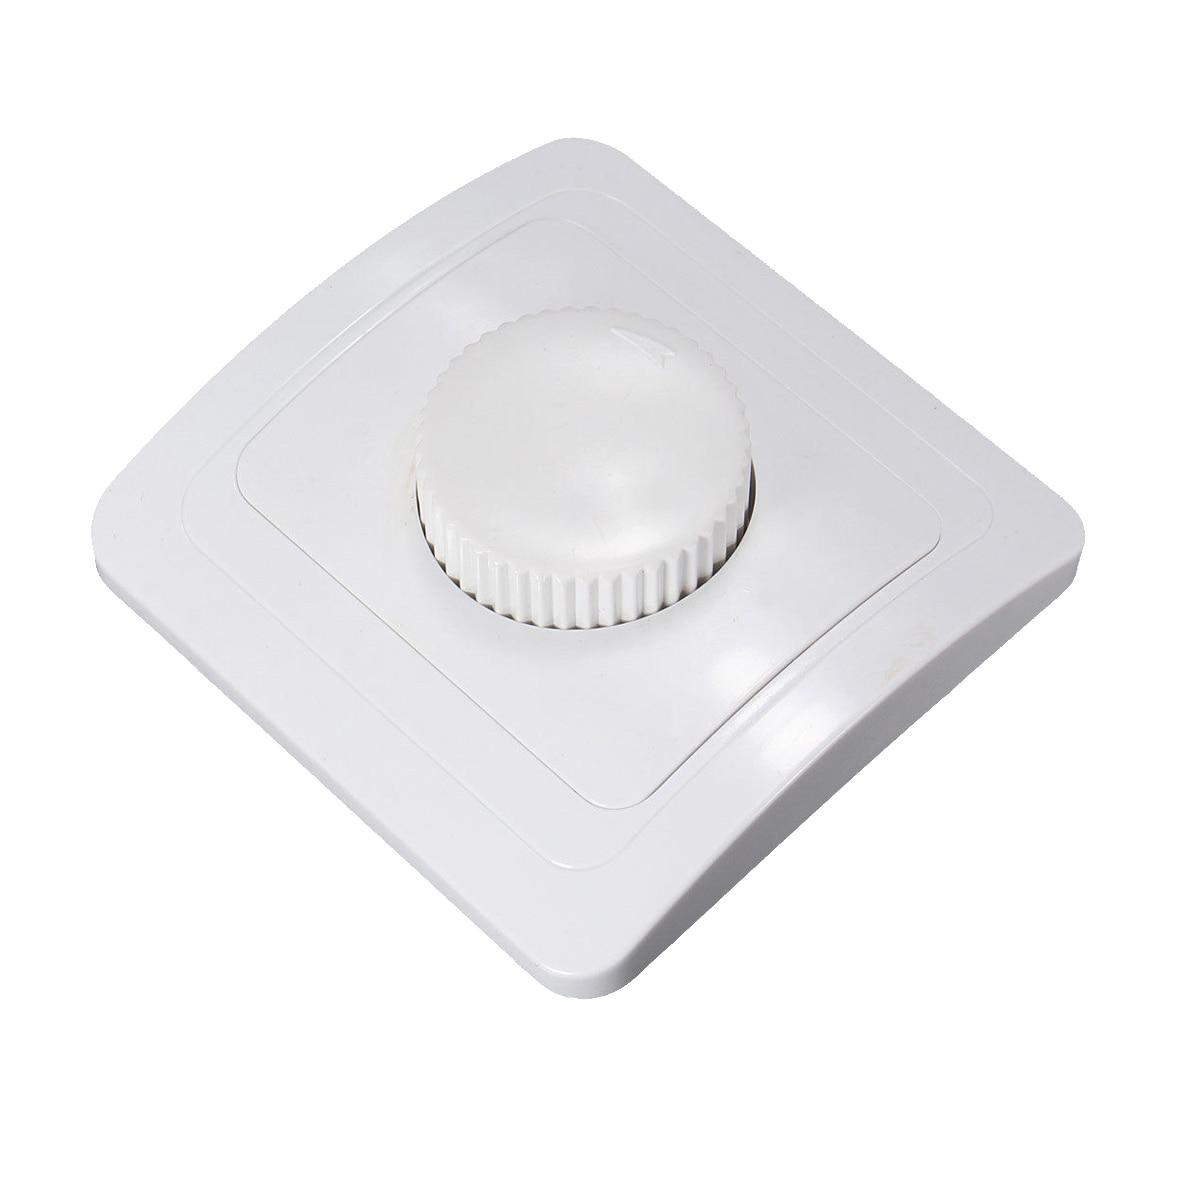 Dimmers branca Tipo de Item : Reguladordeluz